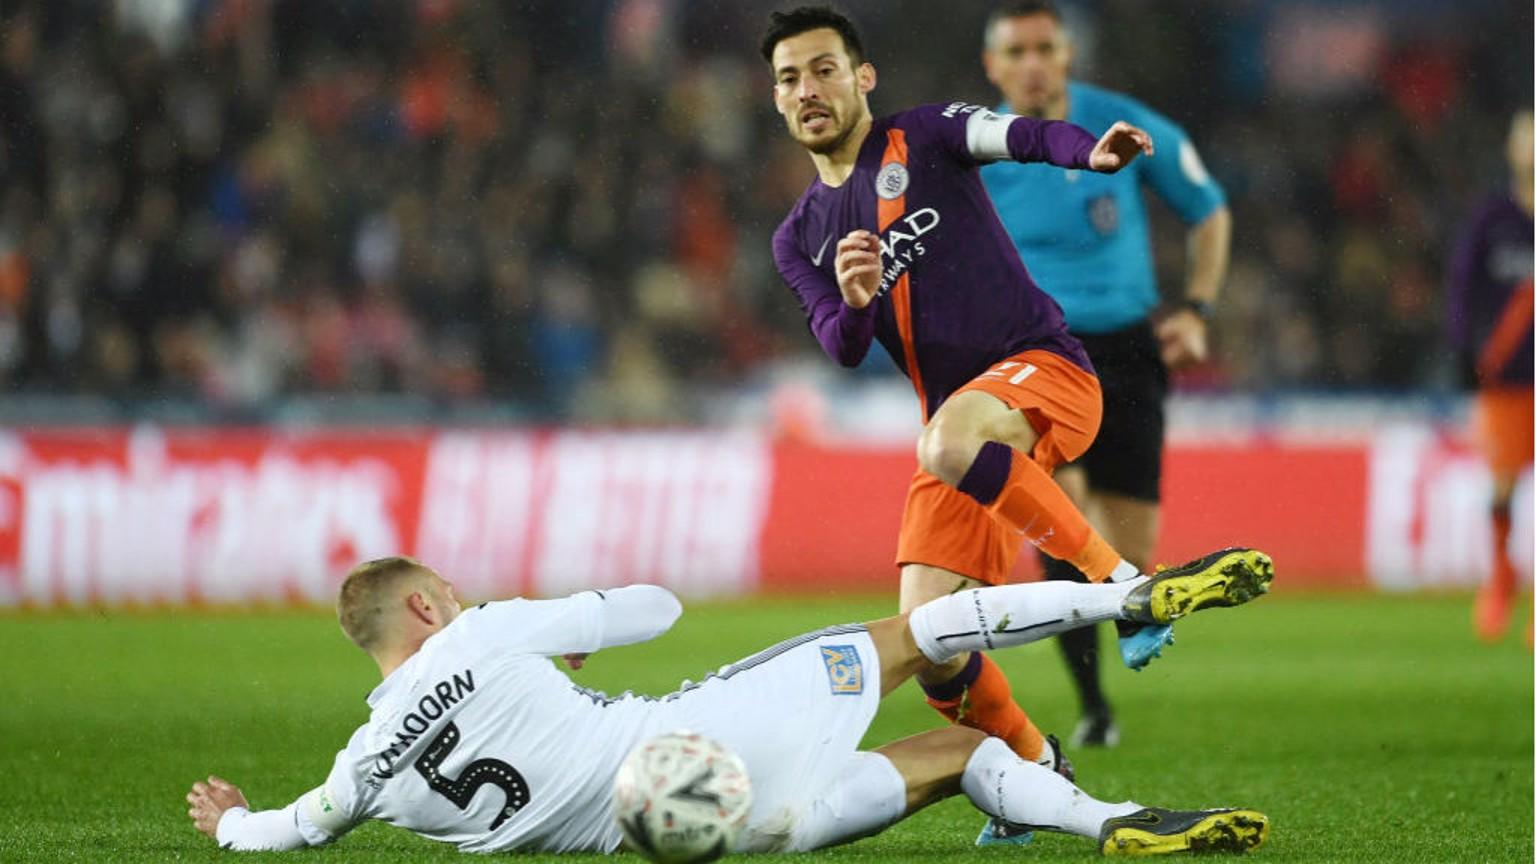 SKIP TO IT: David Silva evades the challenge of Swansea's Mike van der Hoorn